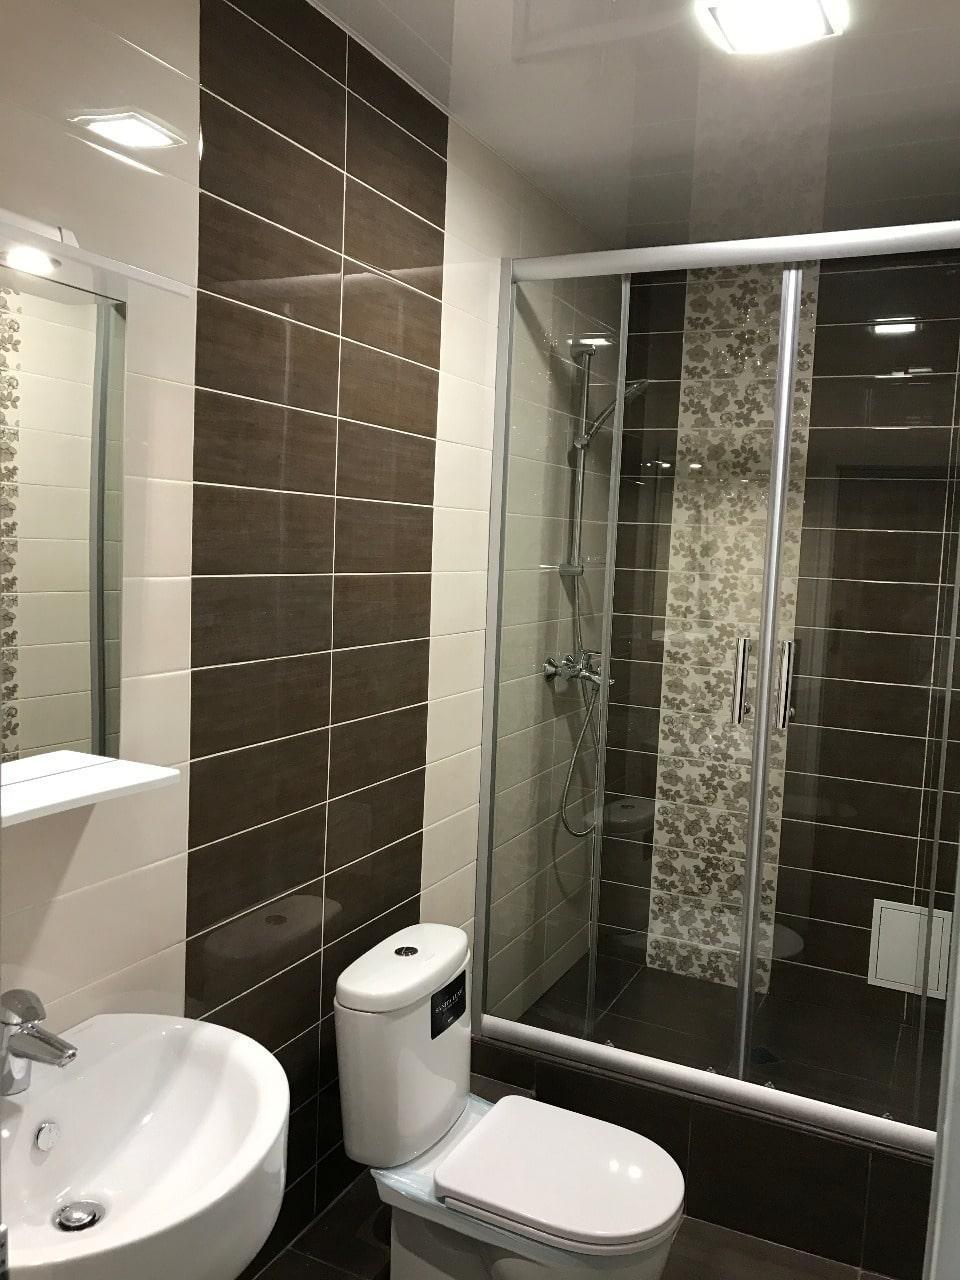 Продаётся гостевой дом у моря 483 м2 - image img_2169-min on https://bizneskvartal.ru